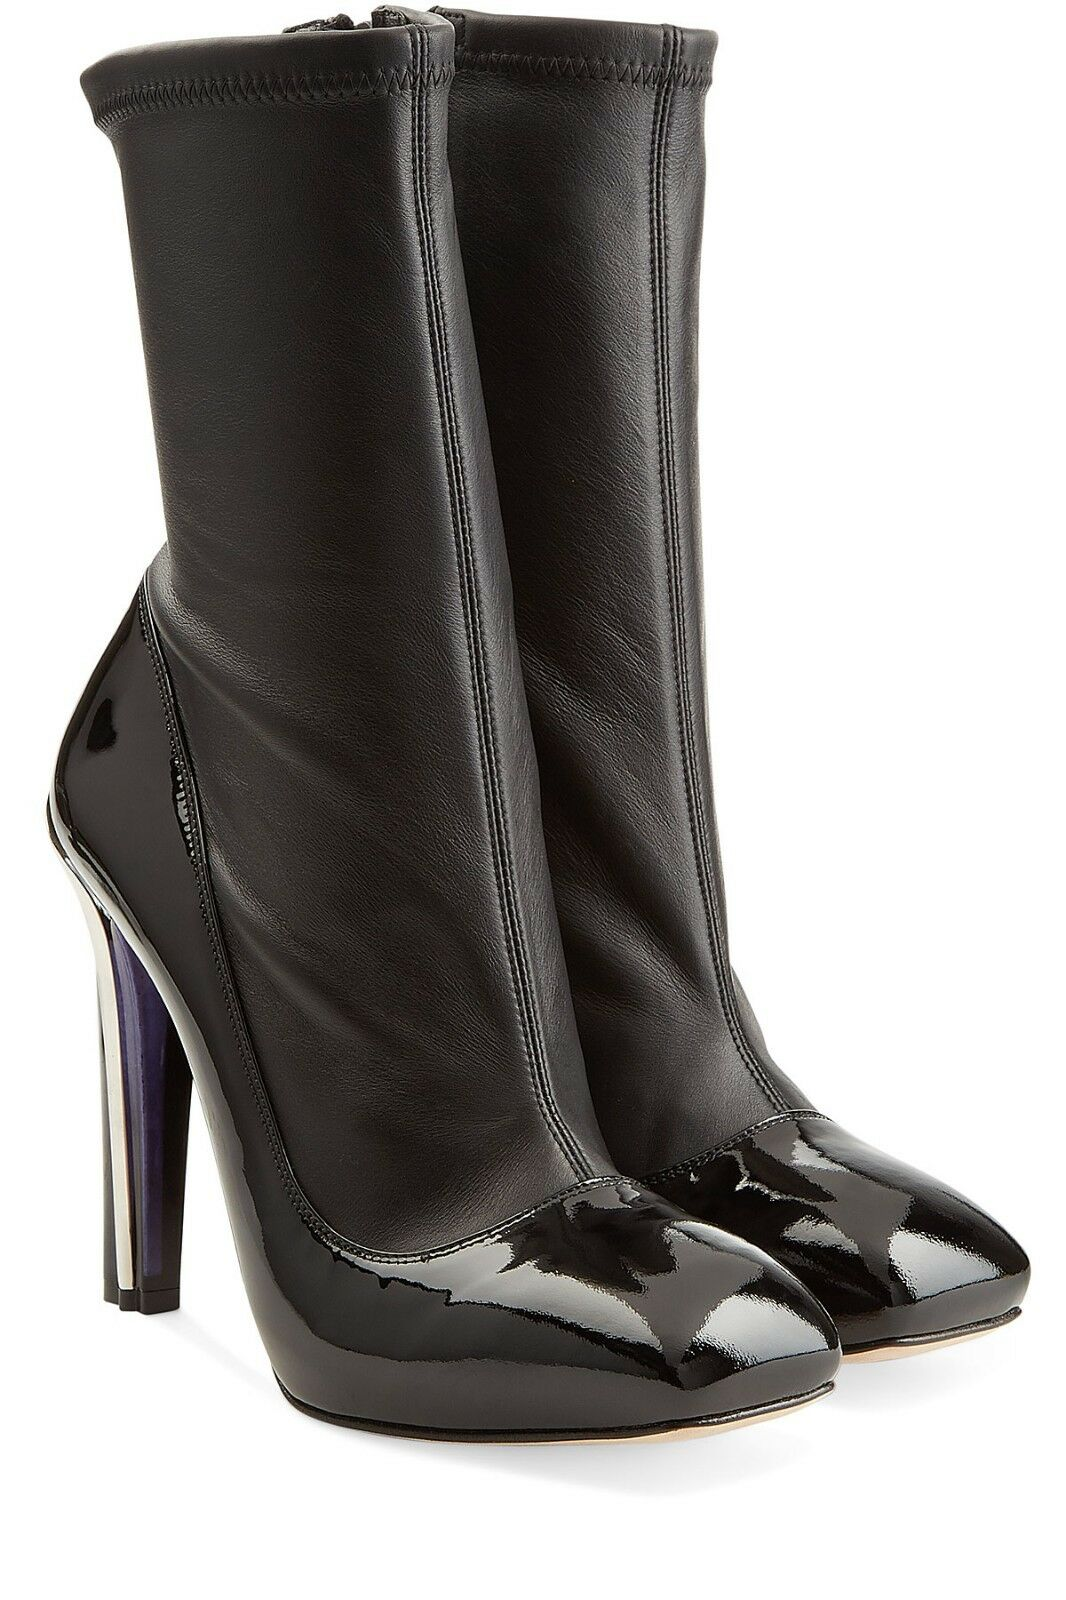 1785 Alexander Mcqueen Stretch Leather Black Midcalf Booties Heels Boots 37